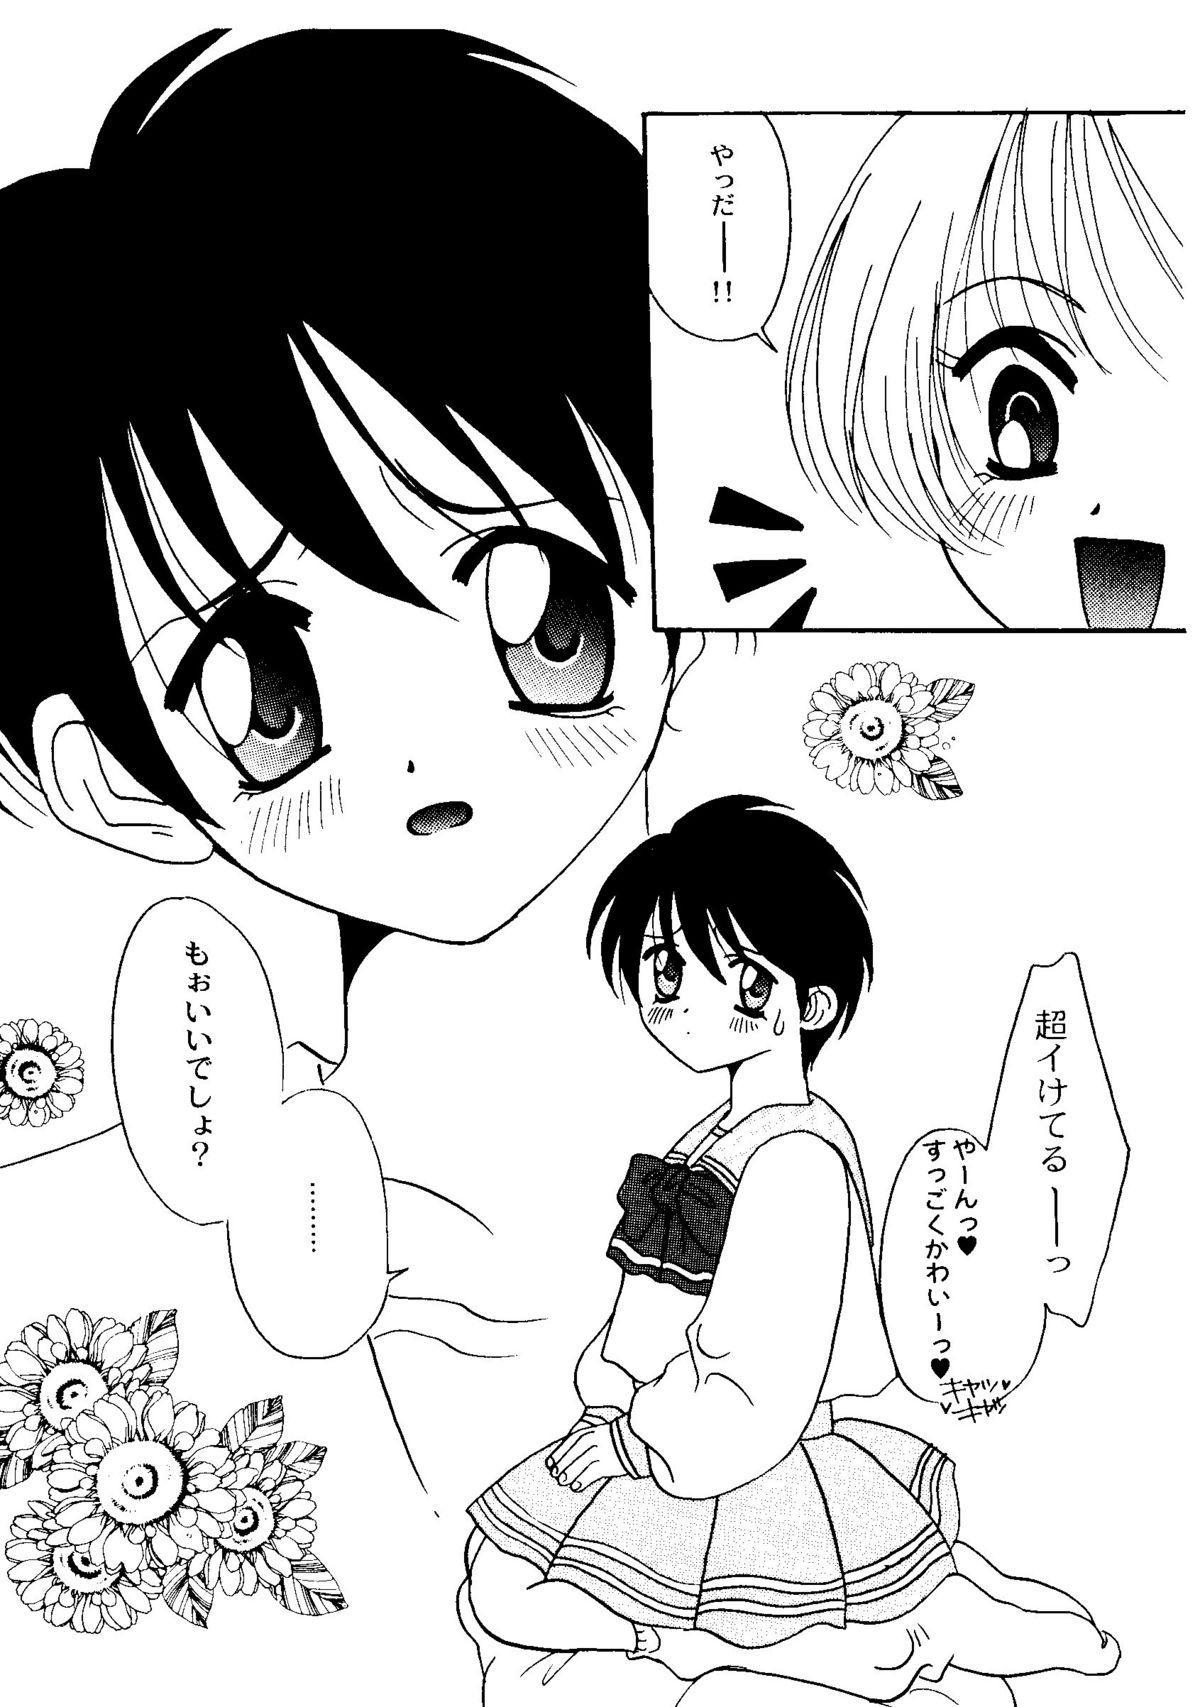 Bishoujo Doujinshi Anthology Cute 2 106